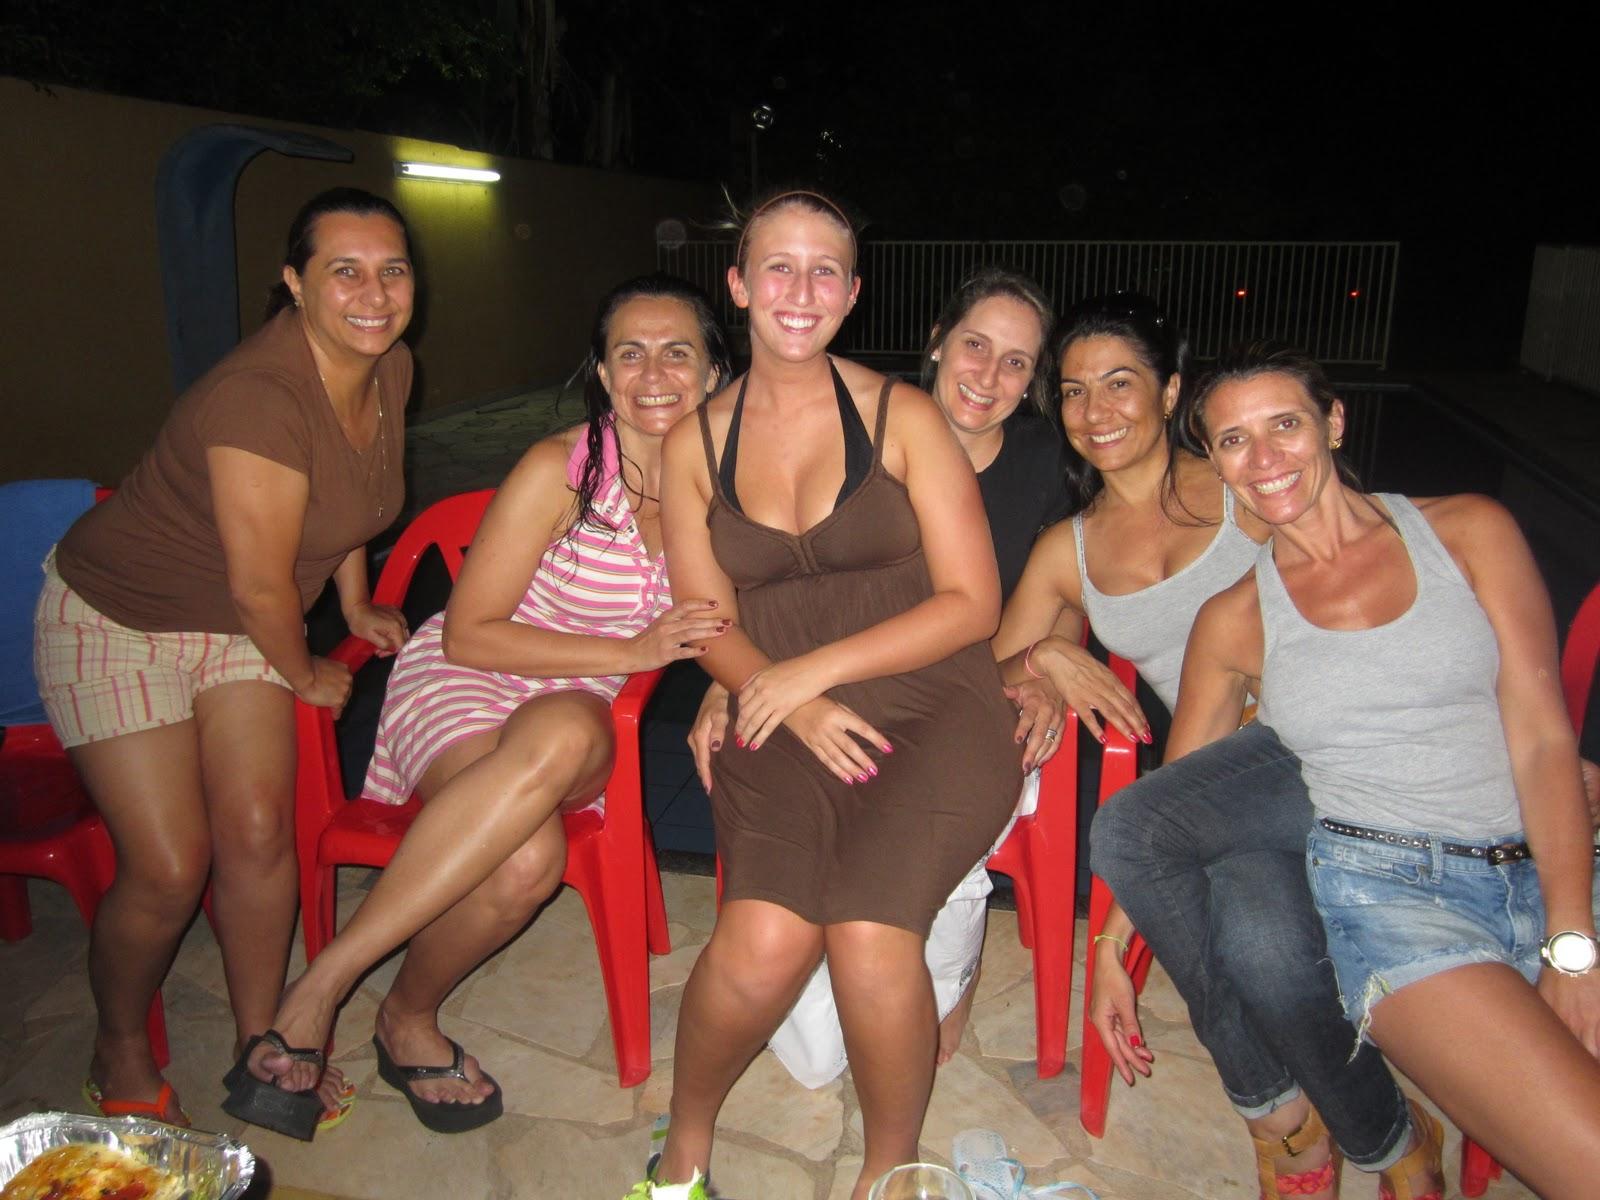 Brazilian sauna fun